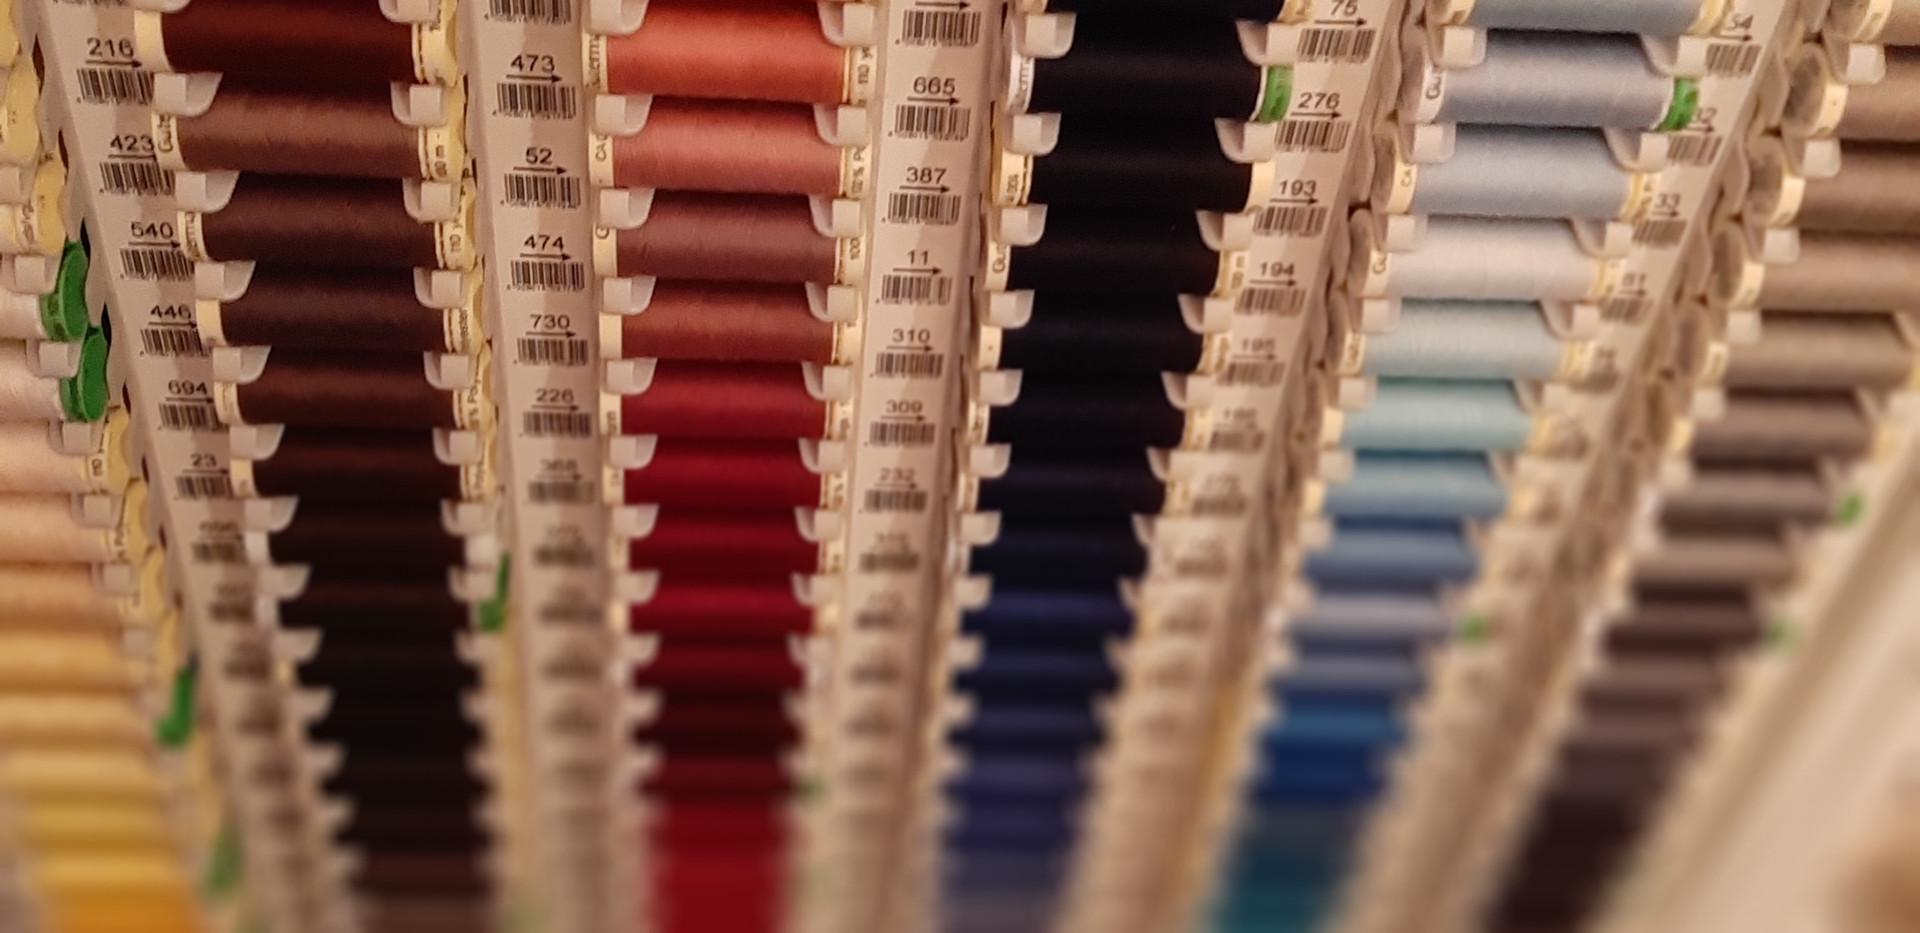 Garne in allen Farben von Güterman